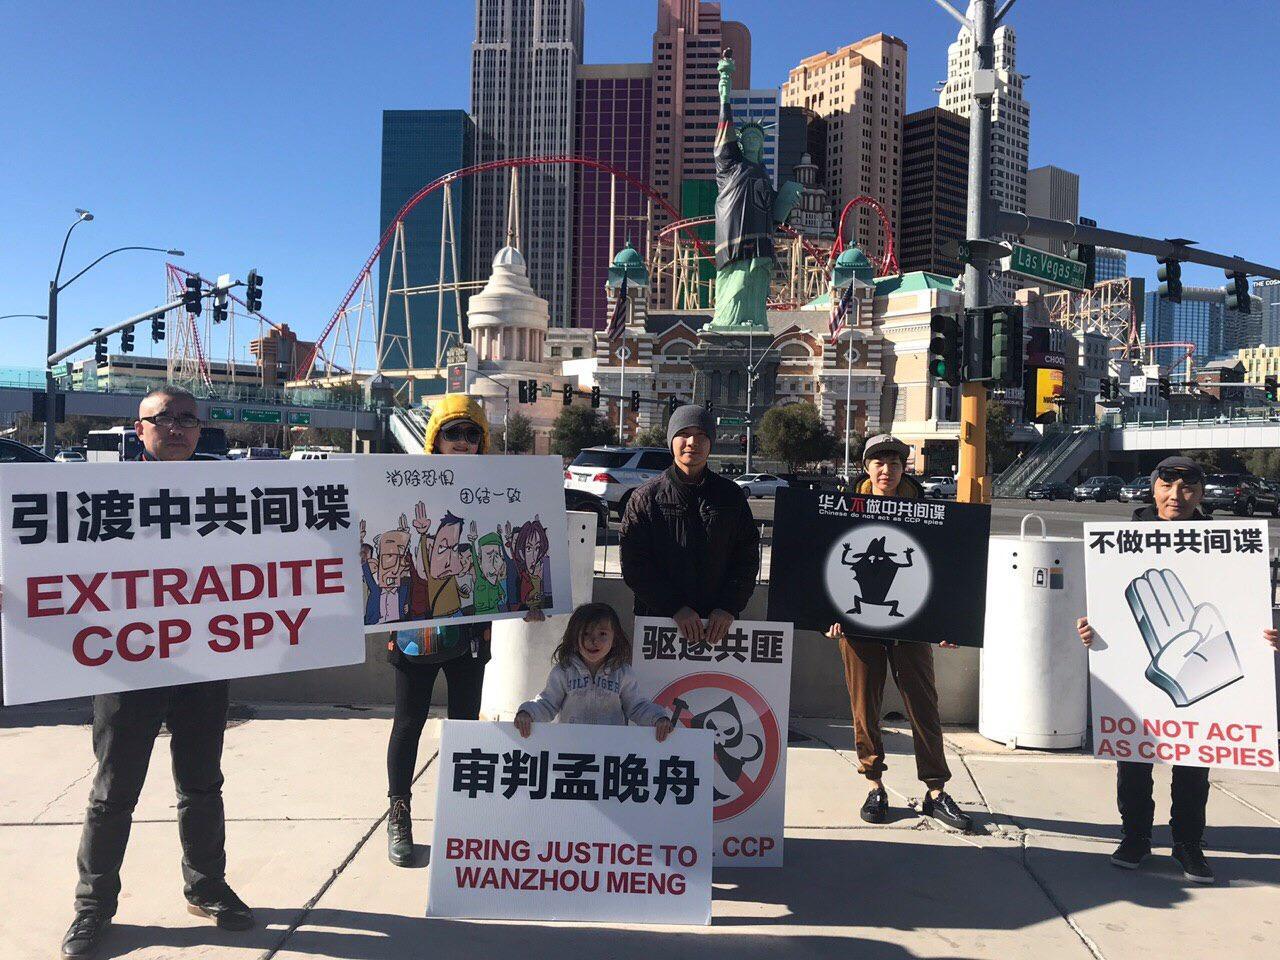 2月19日,多名華人於拉斯維加斯呼籲美國政府「正義審判孟晚舟,肅清中共間諜」。(鄭存柱提供)